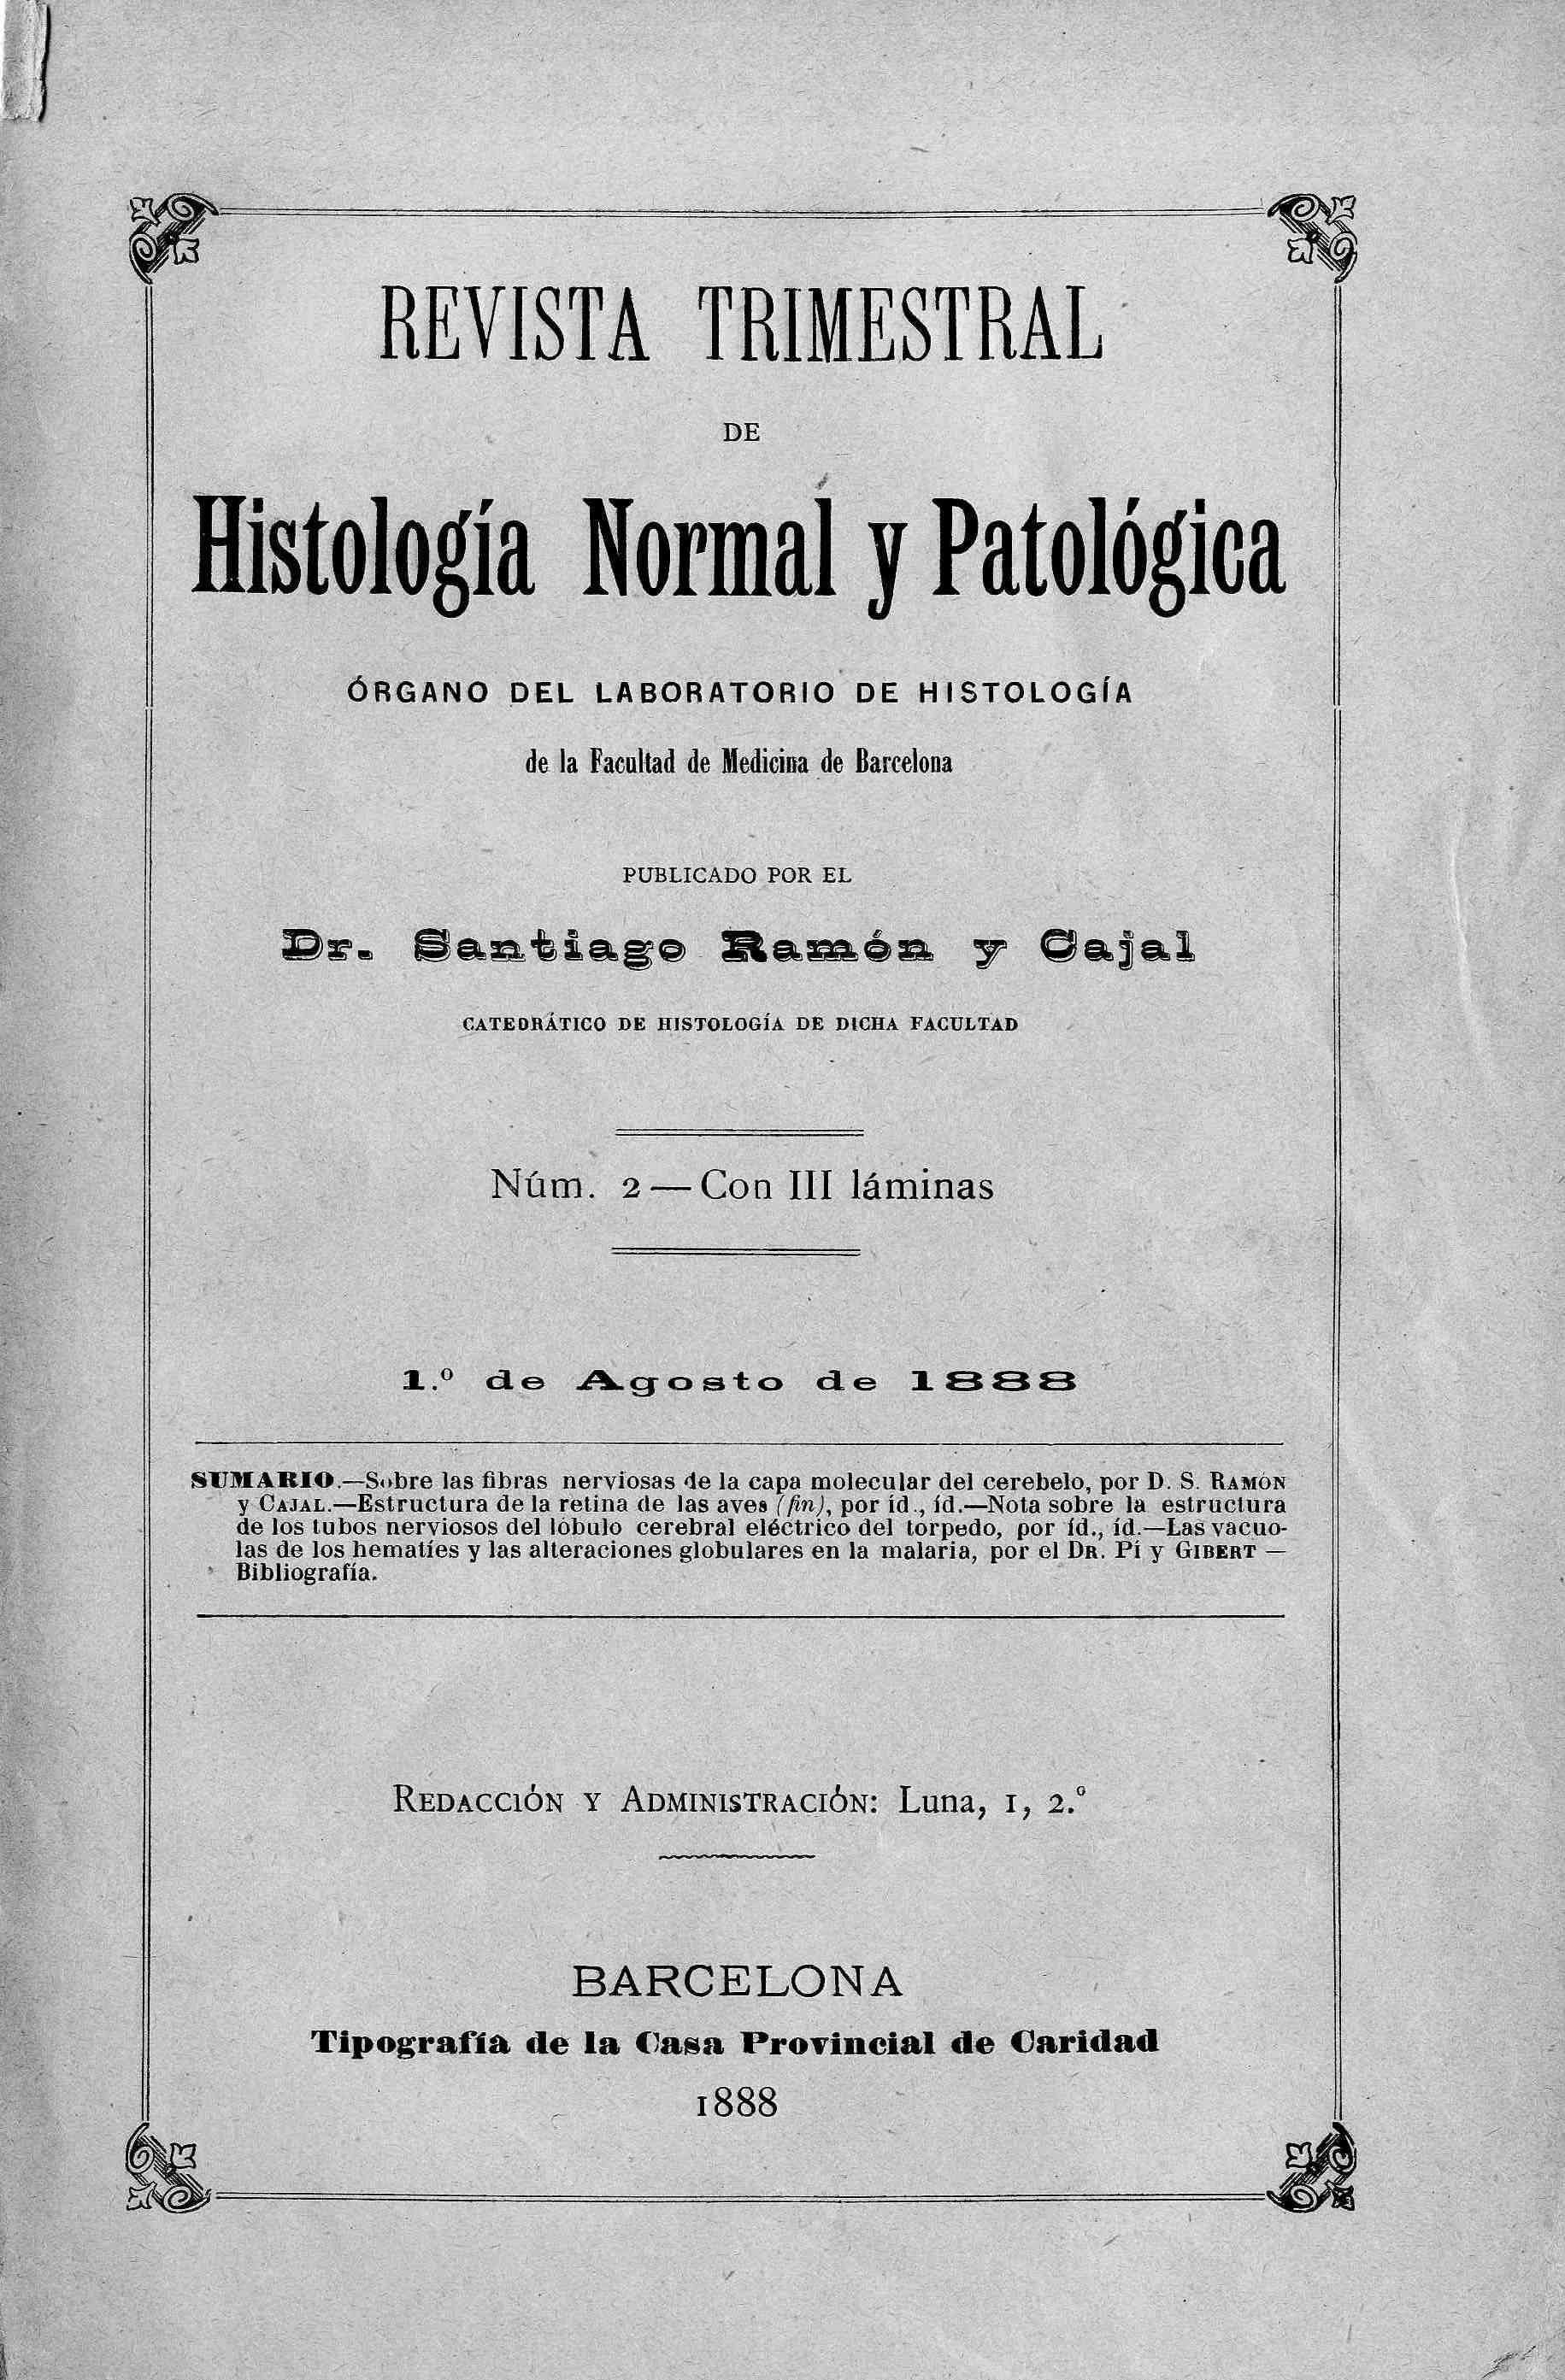 Revista trimestral de histología normal y patológica, Año 1, n. 2 (1888)